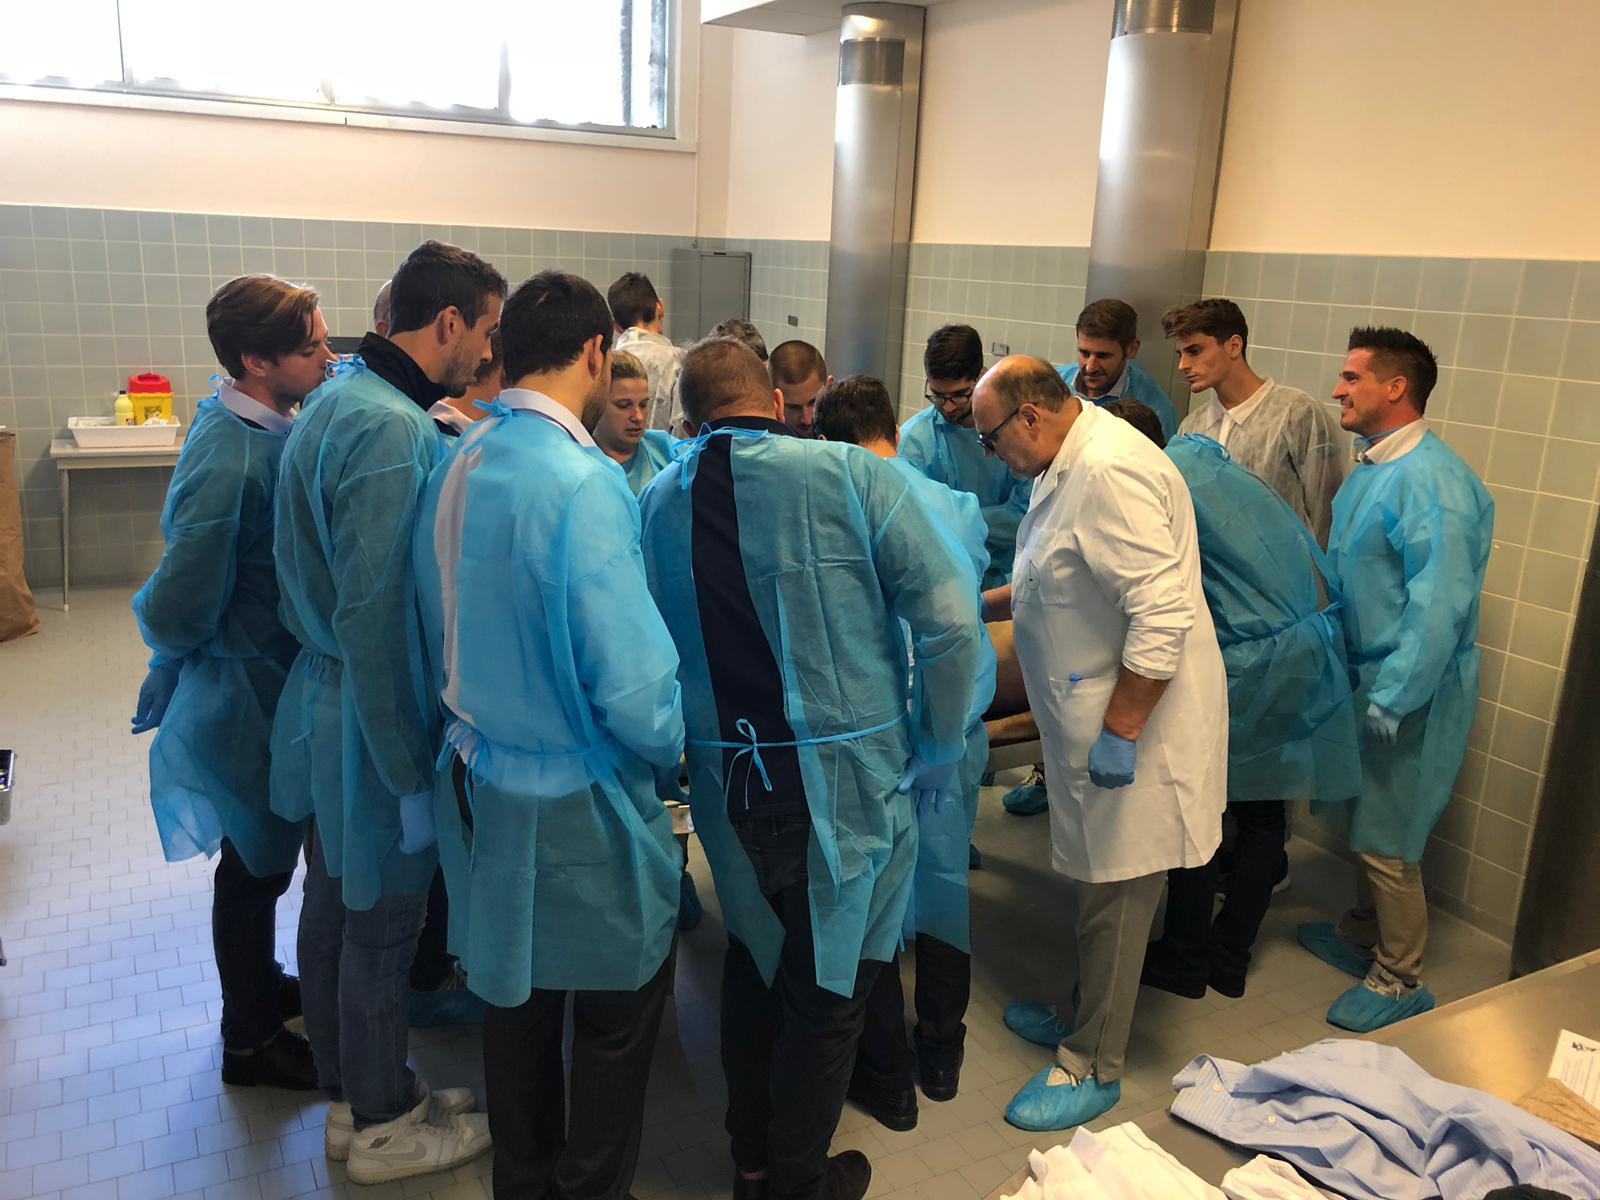 corso di Tanatoestetica Federcofit: un momento del laboratorio a Treviso